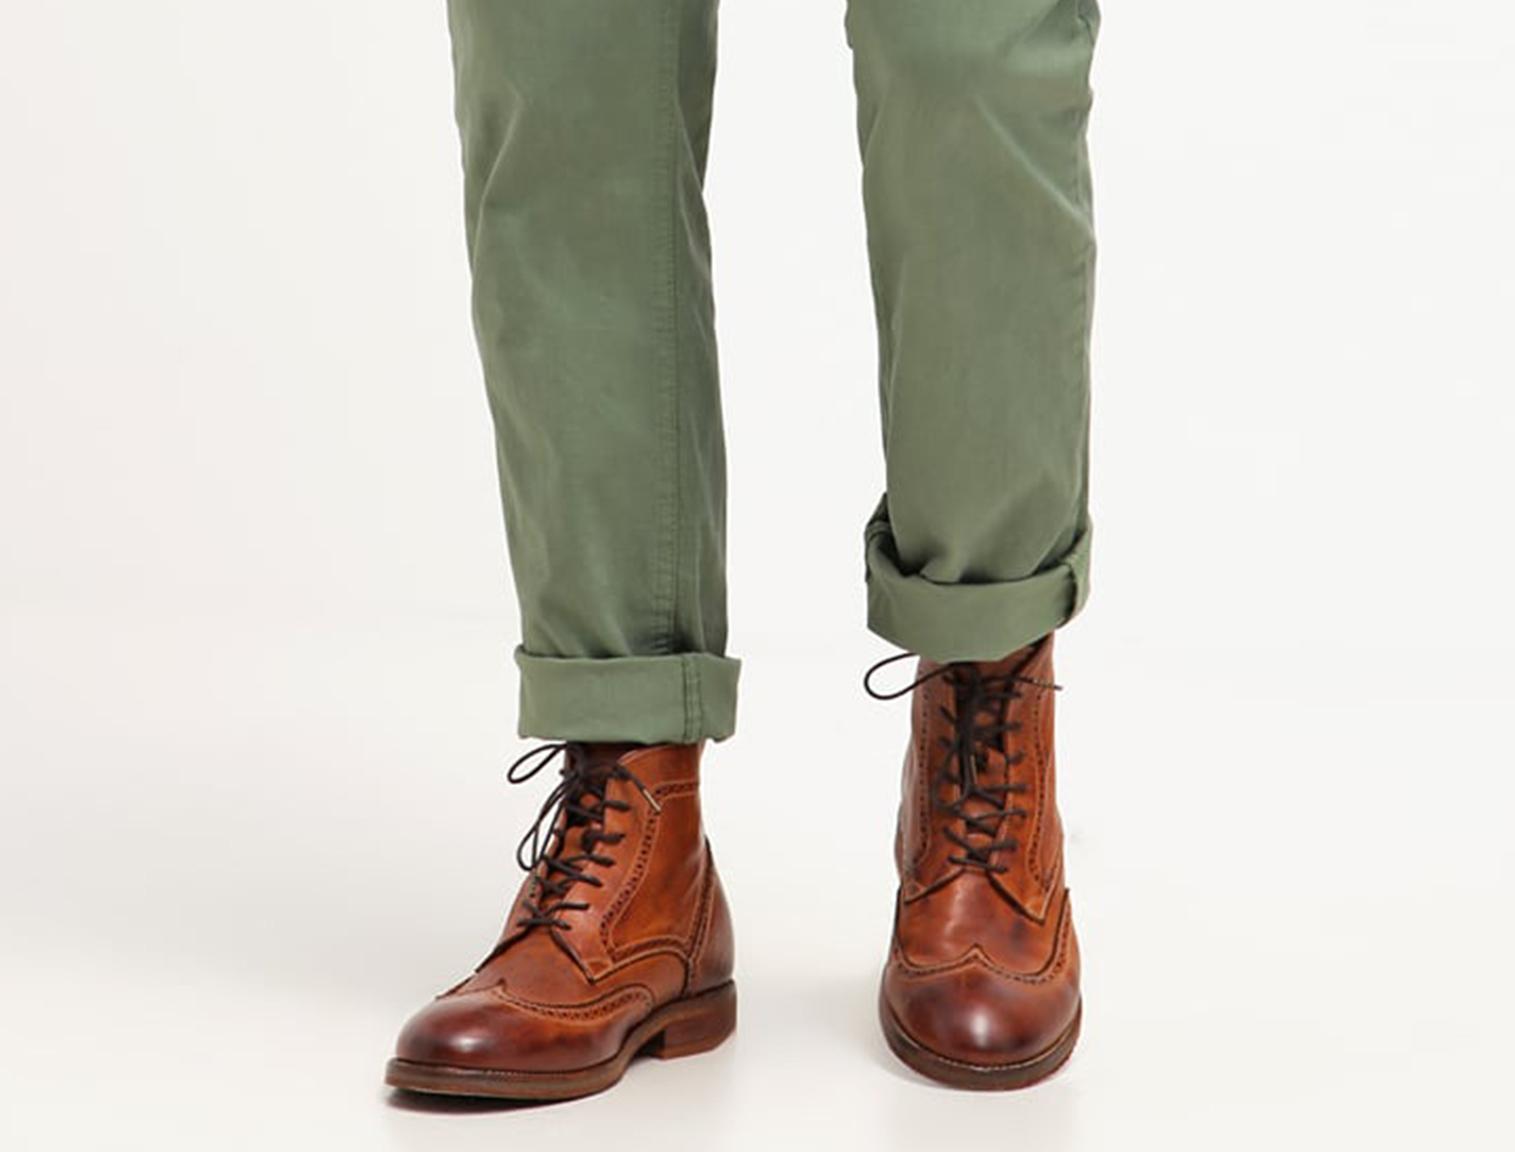 Hombre con botas de verano marrones 6f8413797e6ed